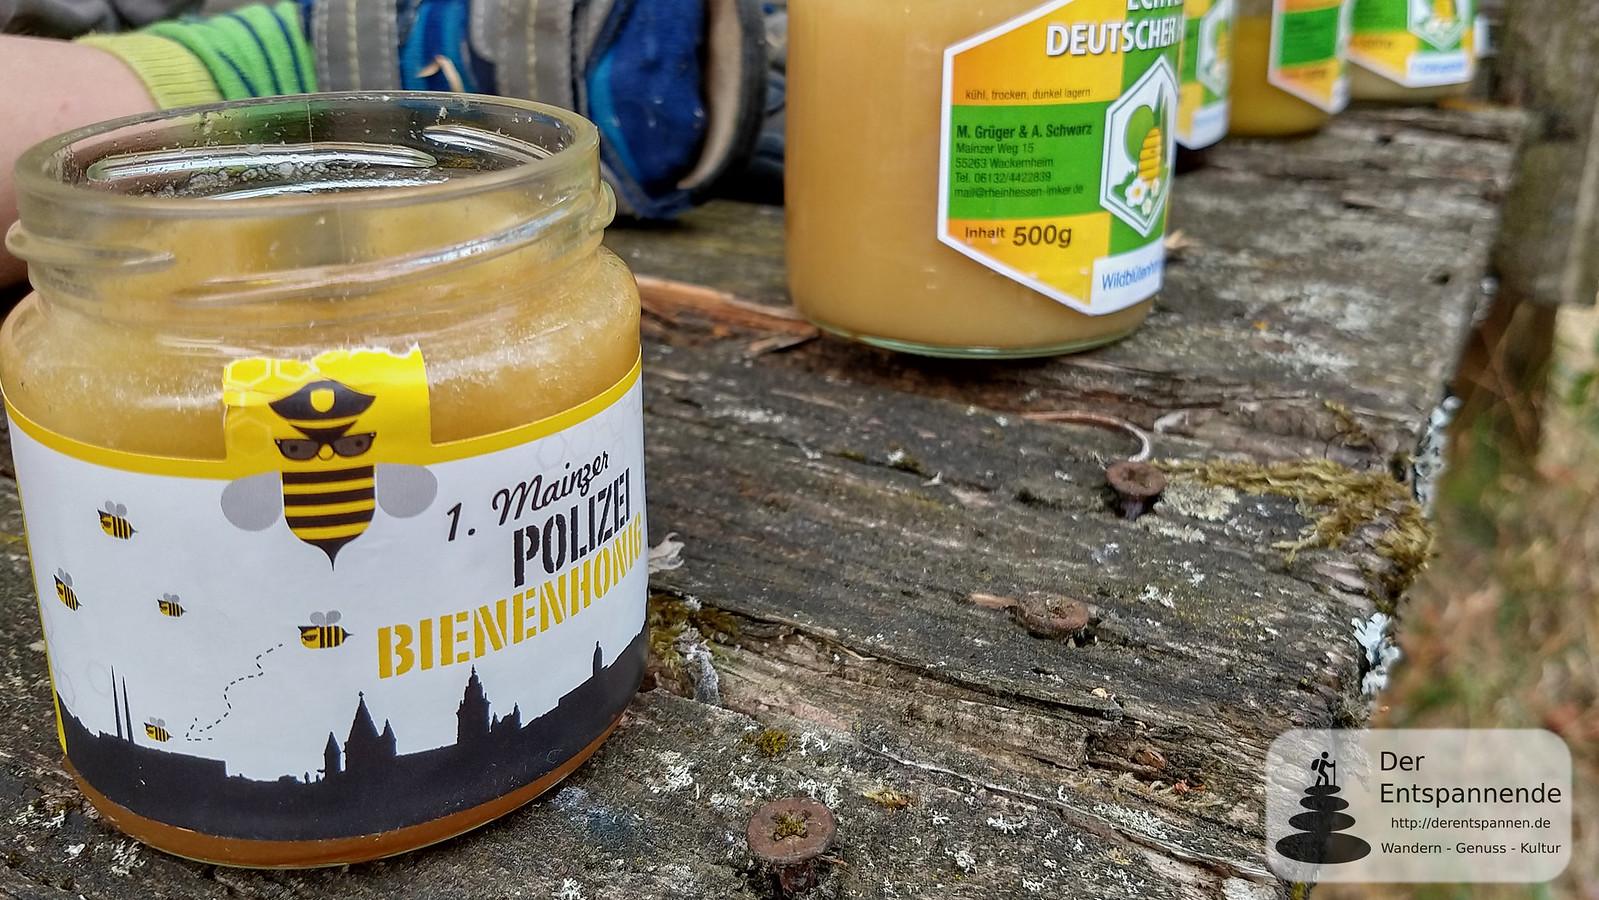 1. Mainzer Polizei-Bienenhonig